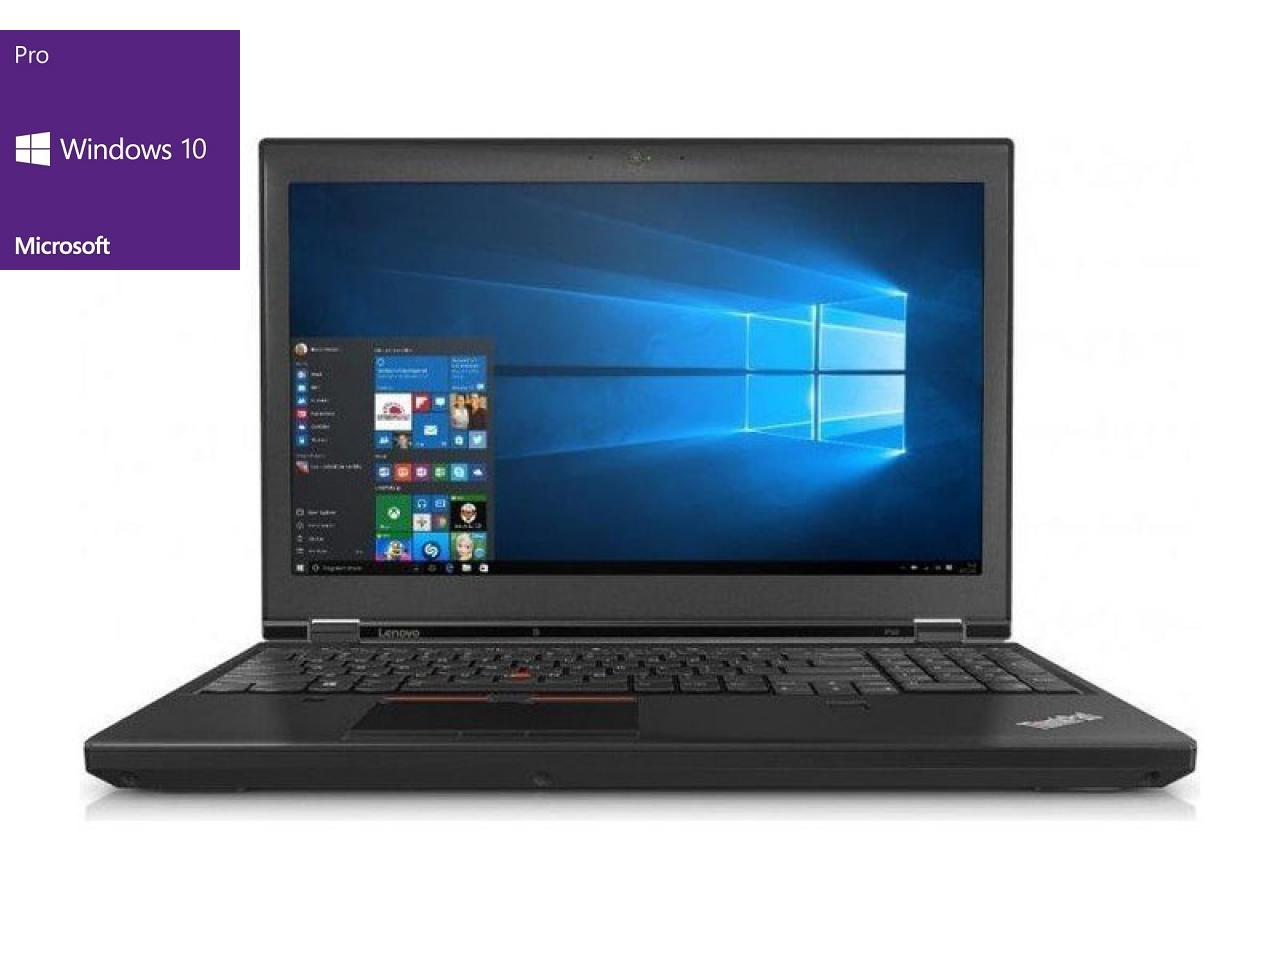 Lenovo ThinkPad P50